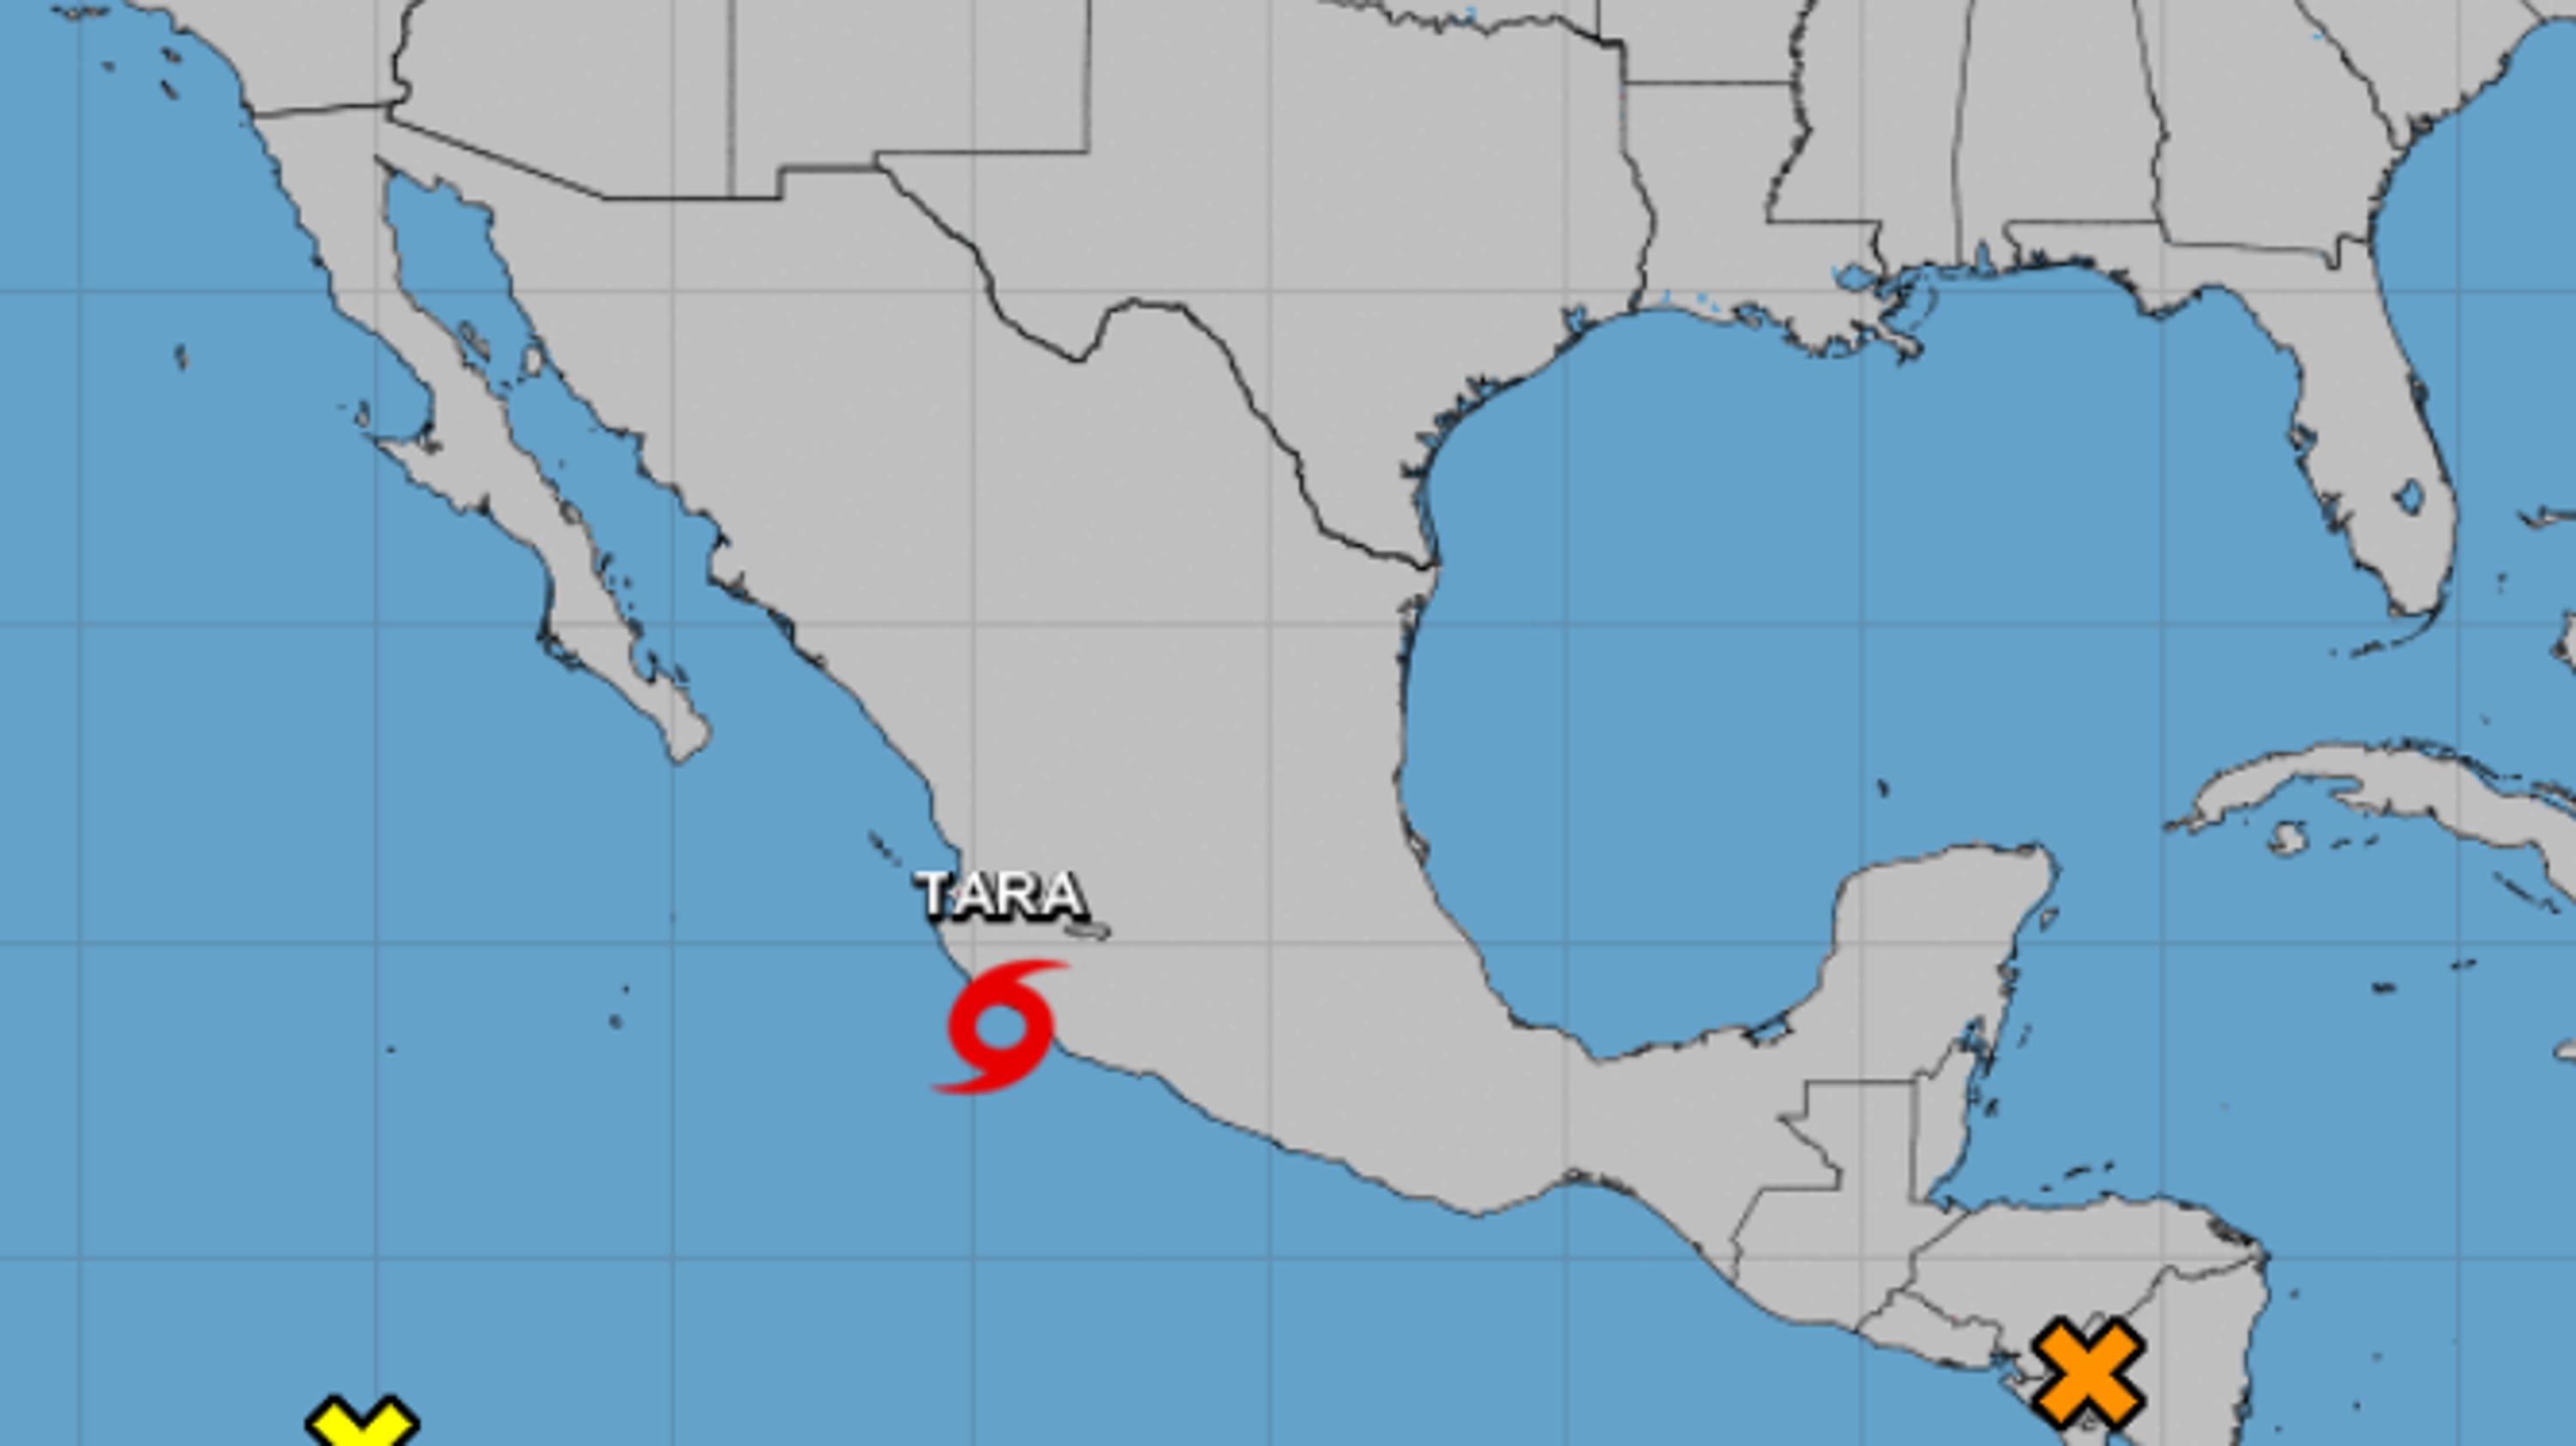 Honduras Mexico Map.Disturbance 1 Nears Honduras As Tropical Storm Tara Nears Mexico